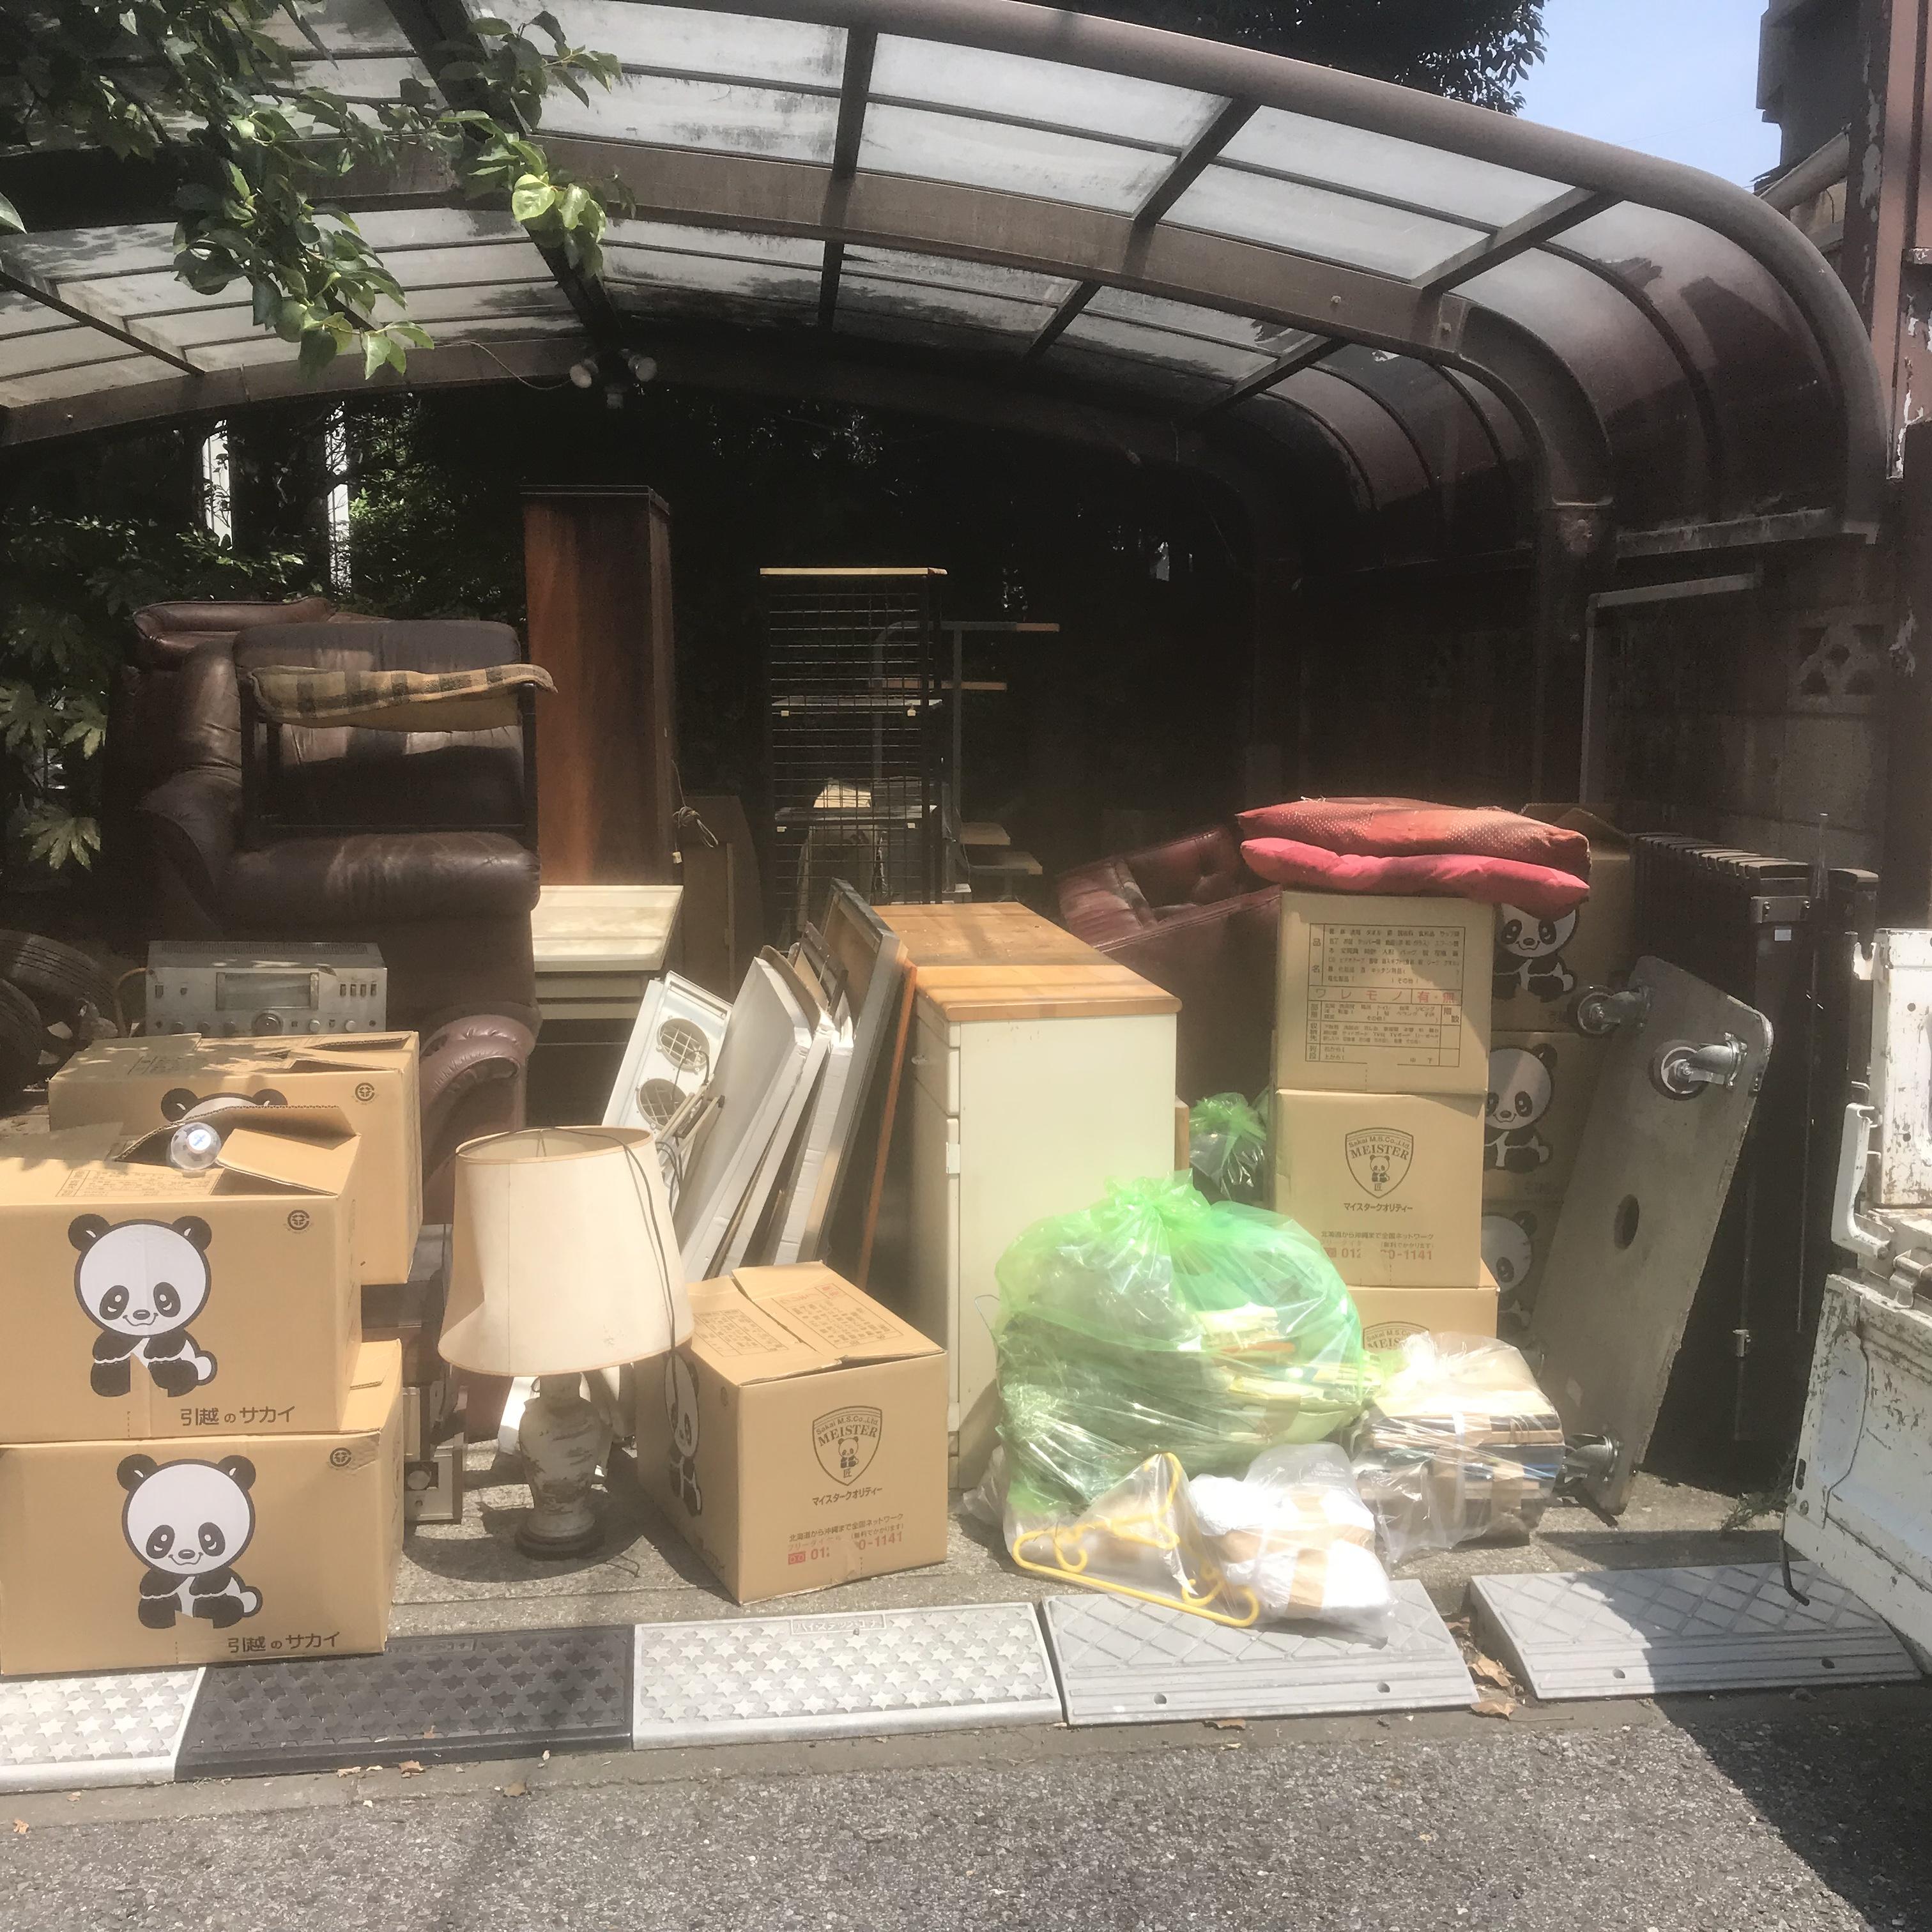 横浜市港南区 一戸建ての家具、家電、不要品の片付けと回収